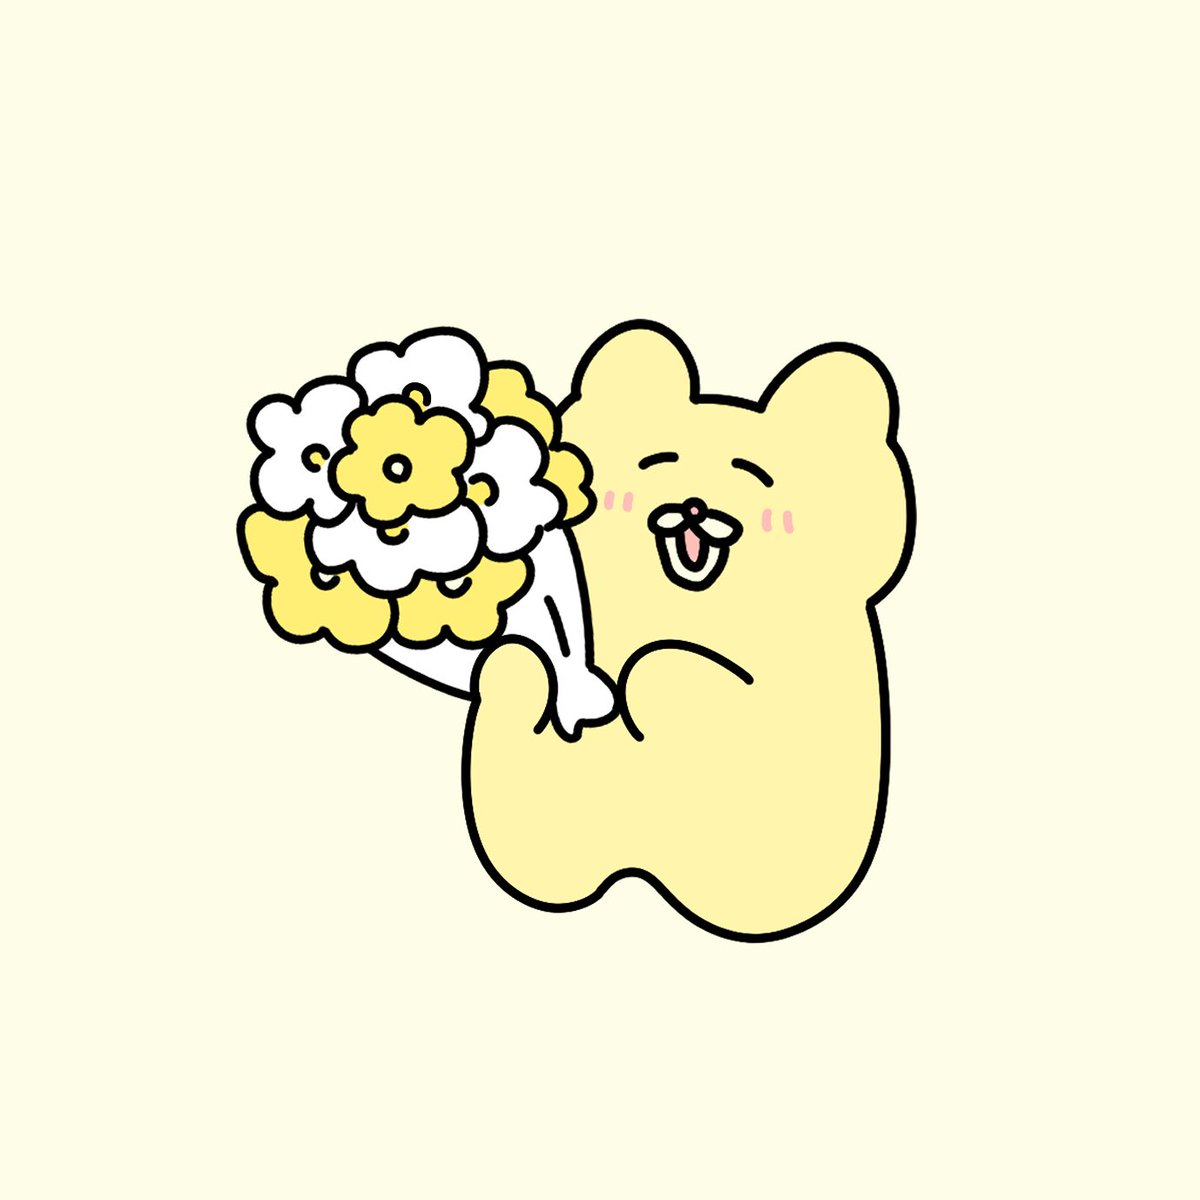 Replying to @chanmedesu: なんでもない日にお花をプレゼントしちゃうチャンミー